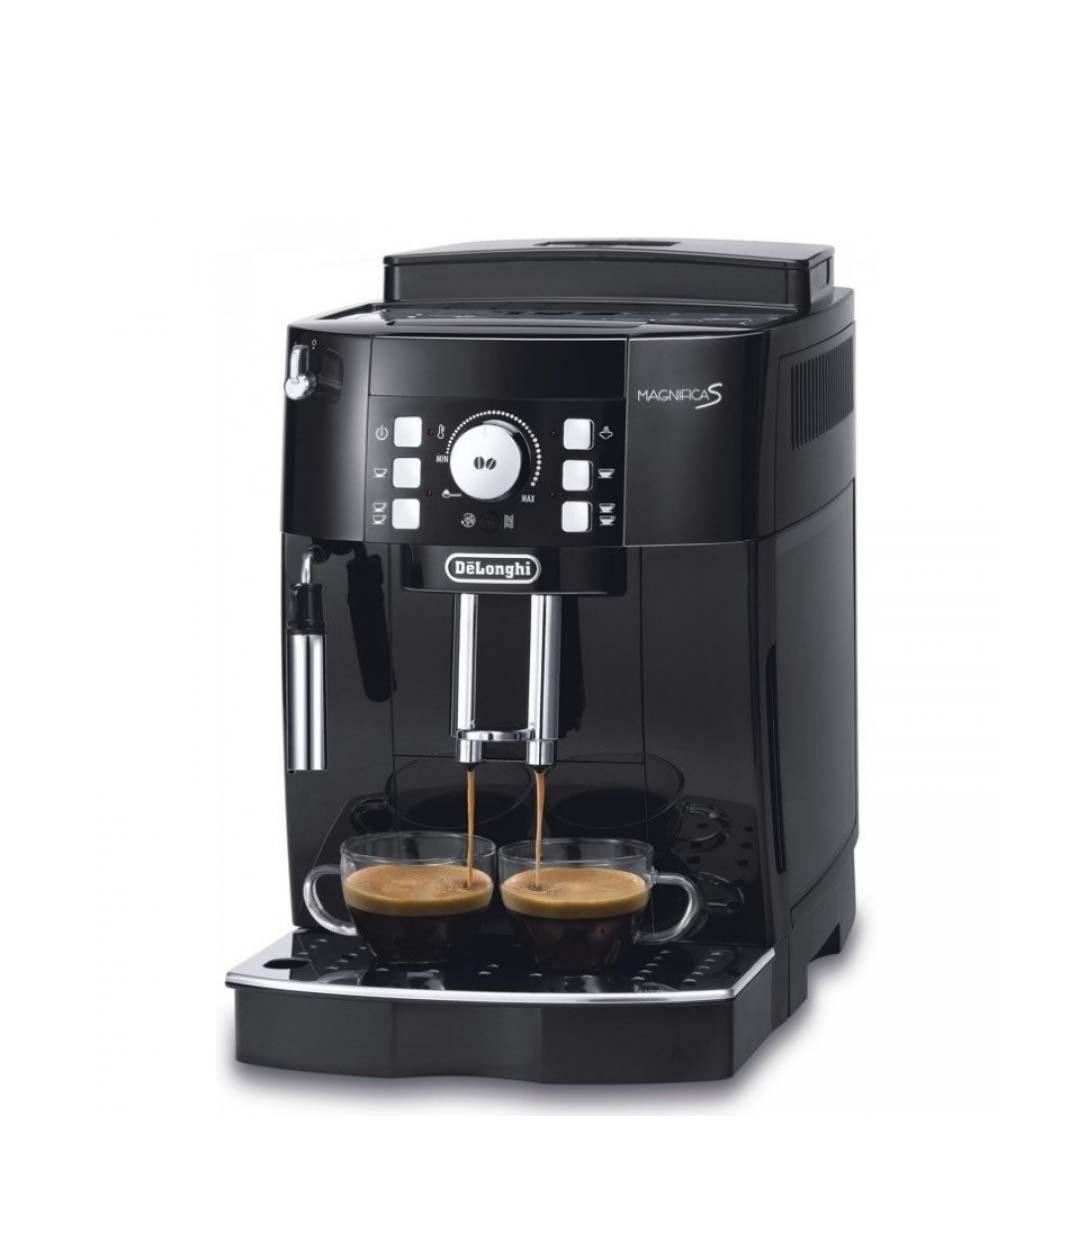 Delonghi Magnifica Ecam 21.117.B Μηχανή Espresso Πληρωμή έως 24 δόσεις